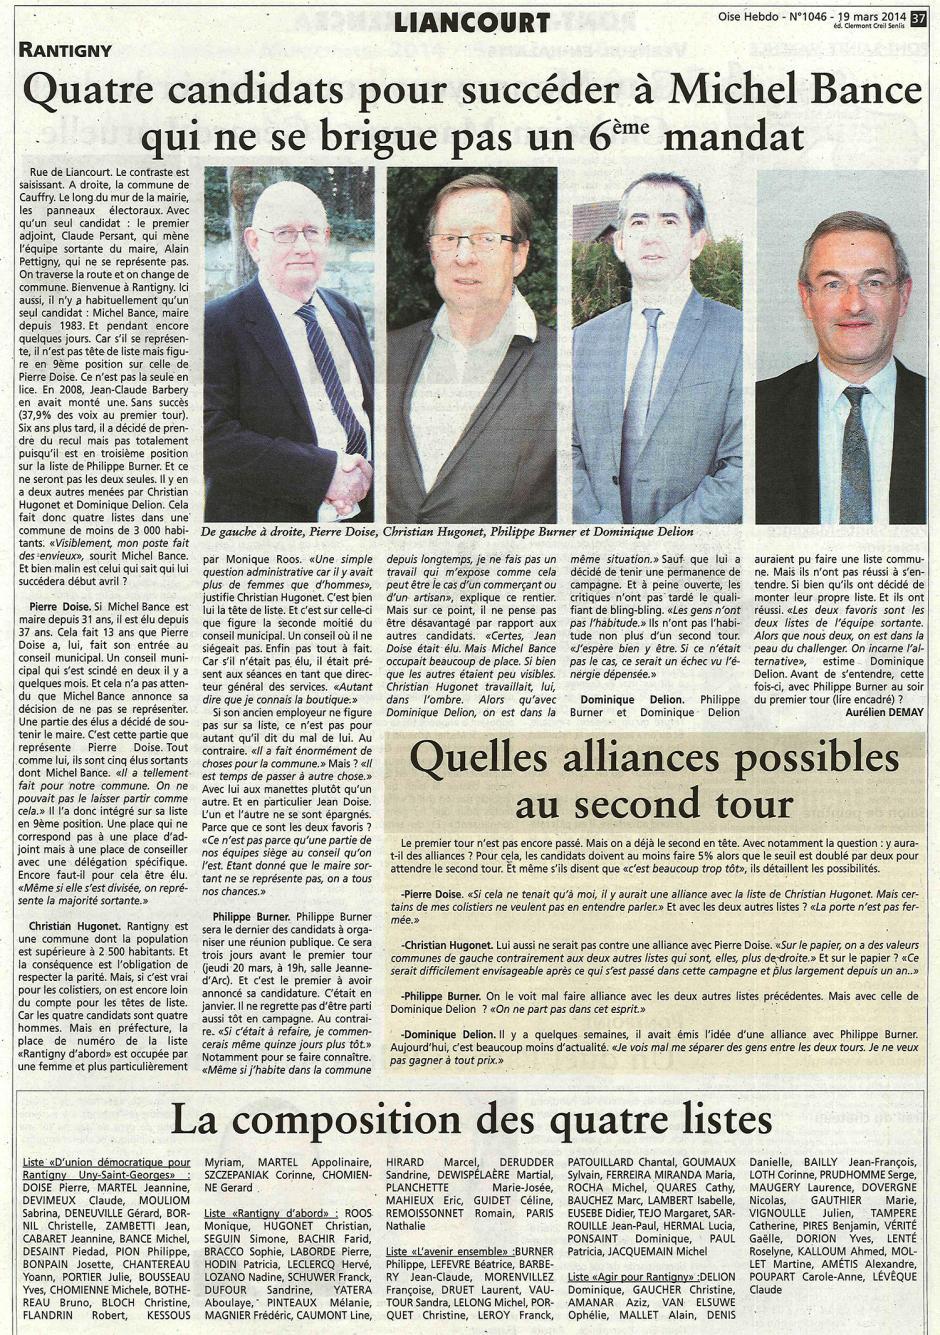 20140319-OH-Rantigny-M2014-Quatre candidats pour succéder à Michel Bance